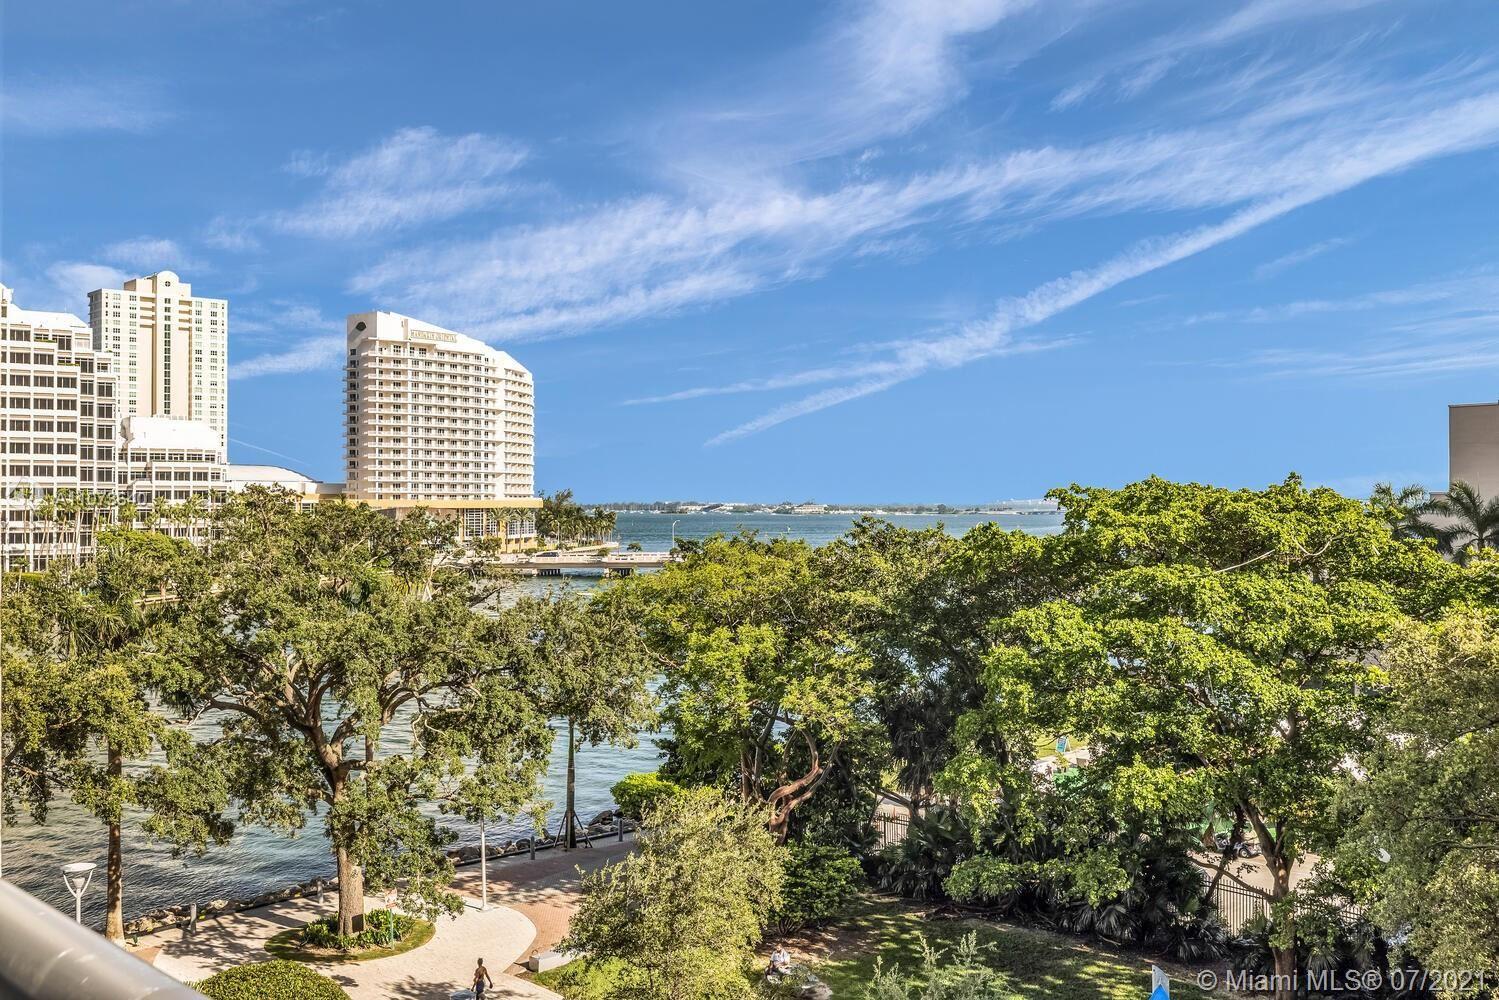 495 Brickell Ave #505, Miami, FL 33131 - #: A11073640